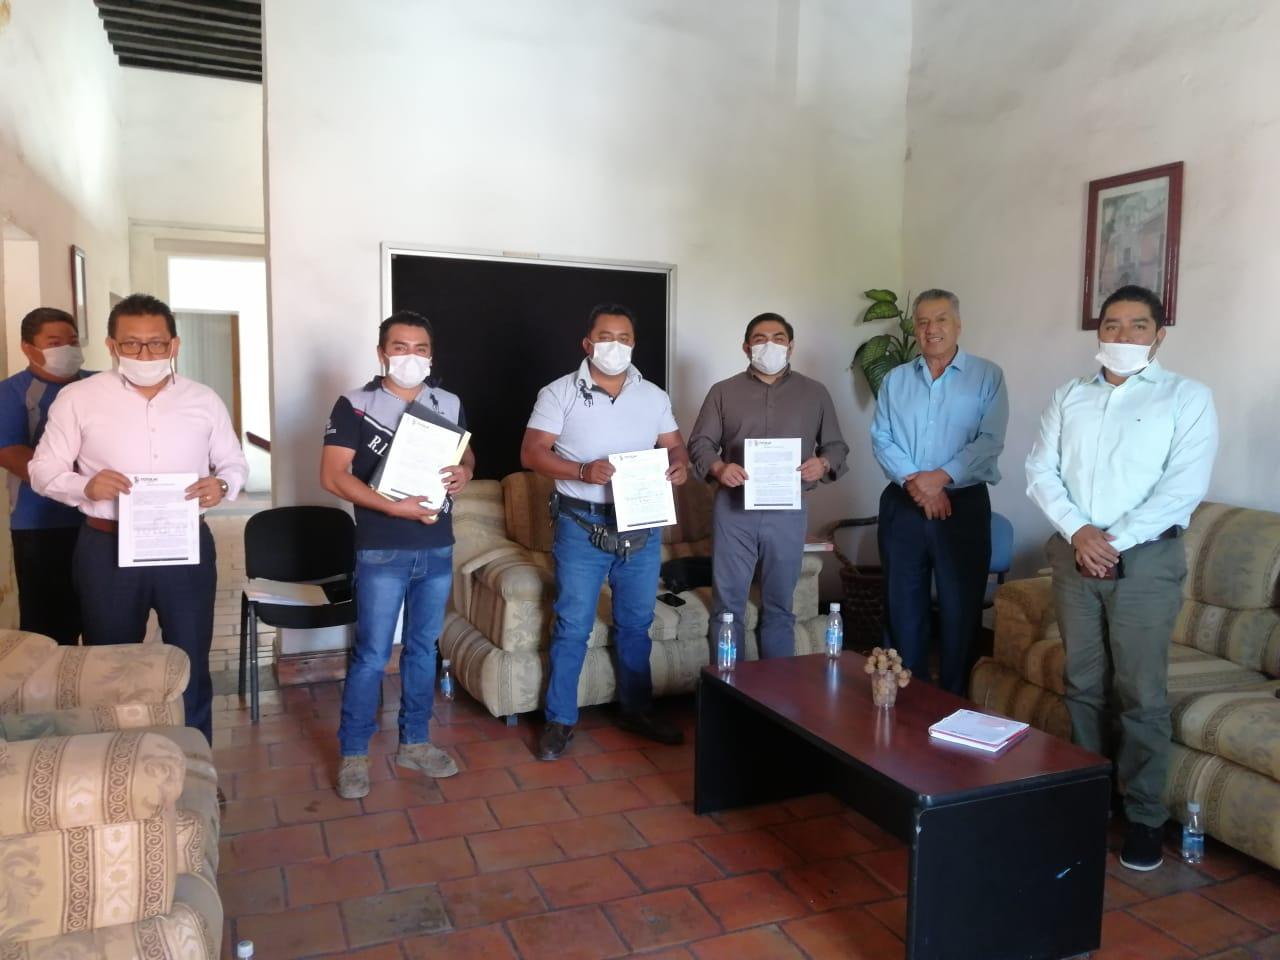 Unión de panaderos y gremio de Tahoneros, colaboran para llevar beneficios al sector vulnerable